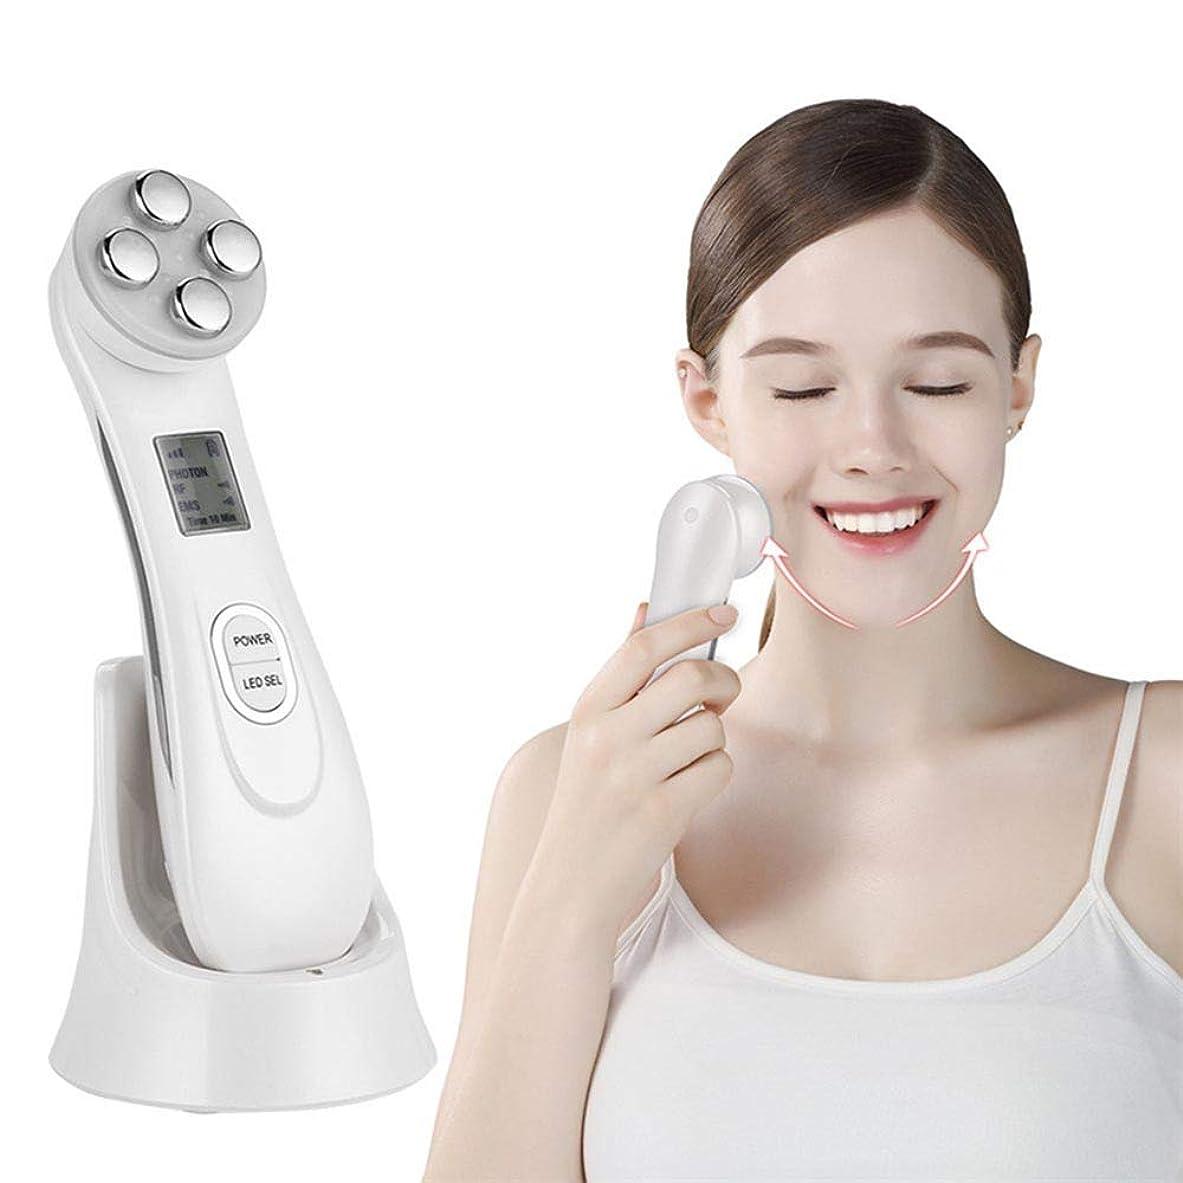 一定耐えるマリンフェイススキンEMSメソセラピーエレクトロポレーションフェイシャルLEDフォトンスキンケアデバイスフェイスリフティング引き締め美容ツール